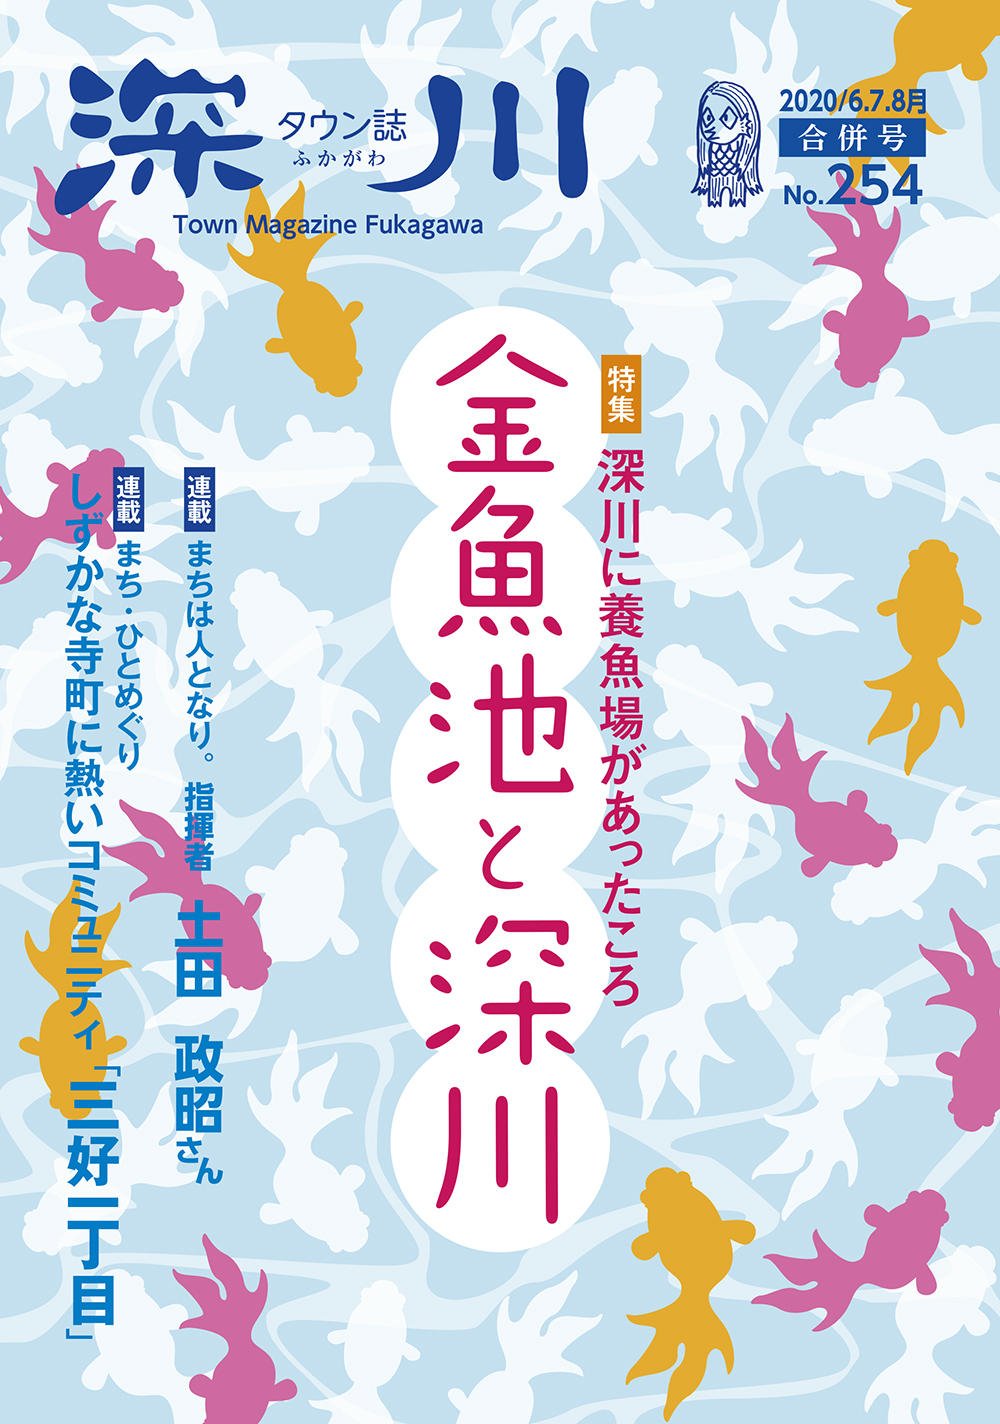 タウン誌 深川 2020年6-7-8月号 No.254